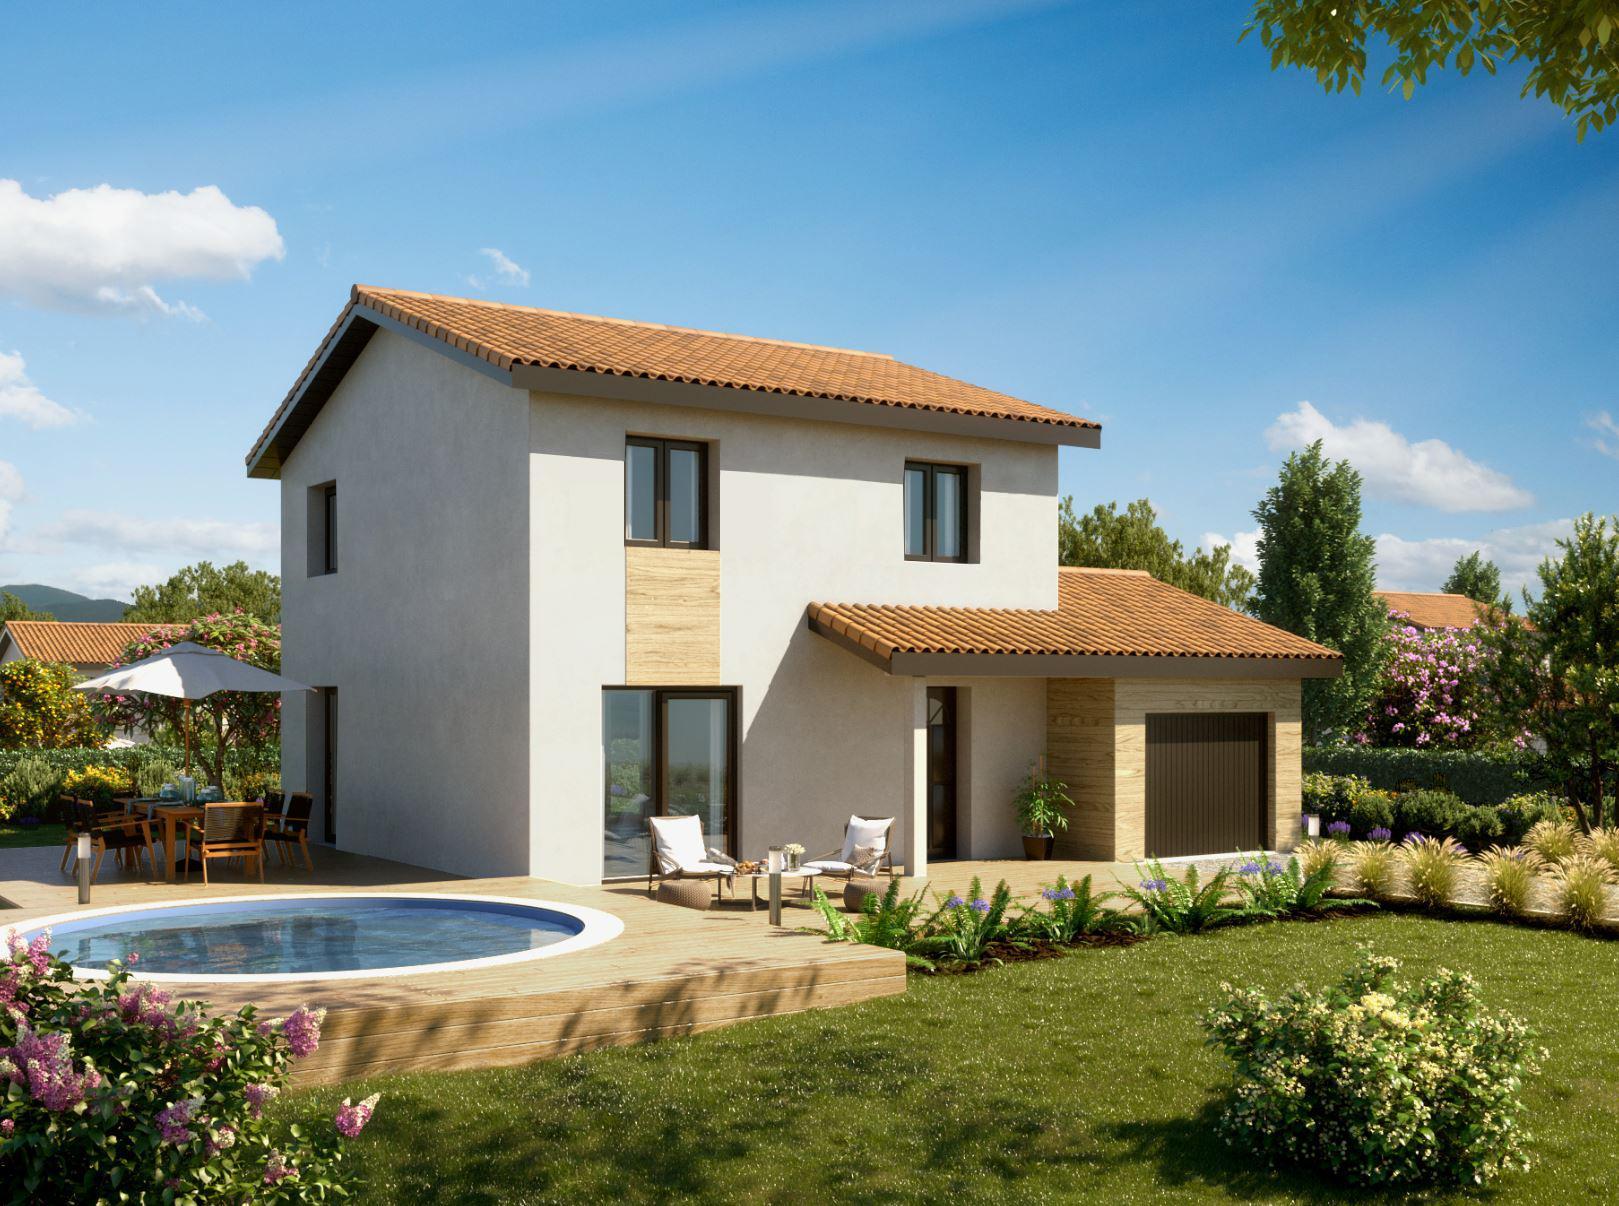 Maisons + Terrains du constructeur MAISONS PUNCH BOURGOIN • 94 m² • LA BATIE MONTGASCON